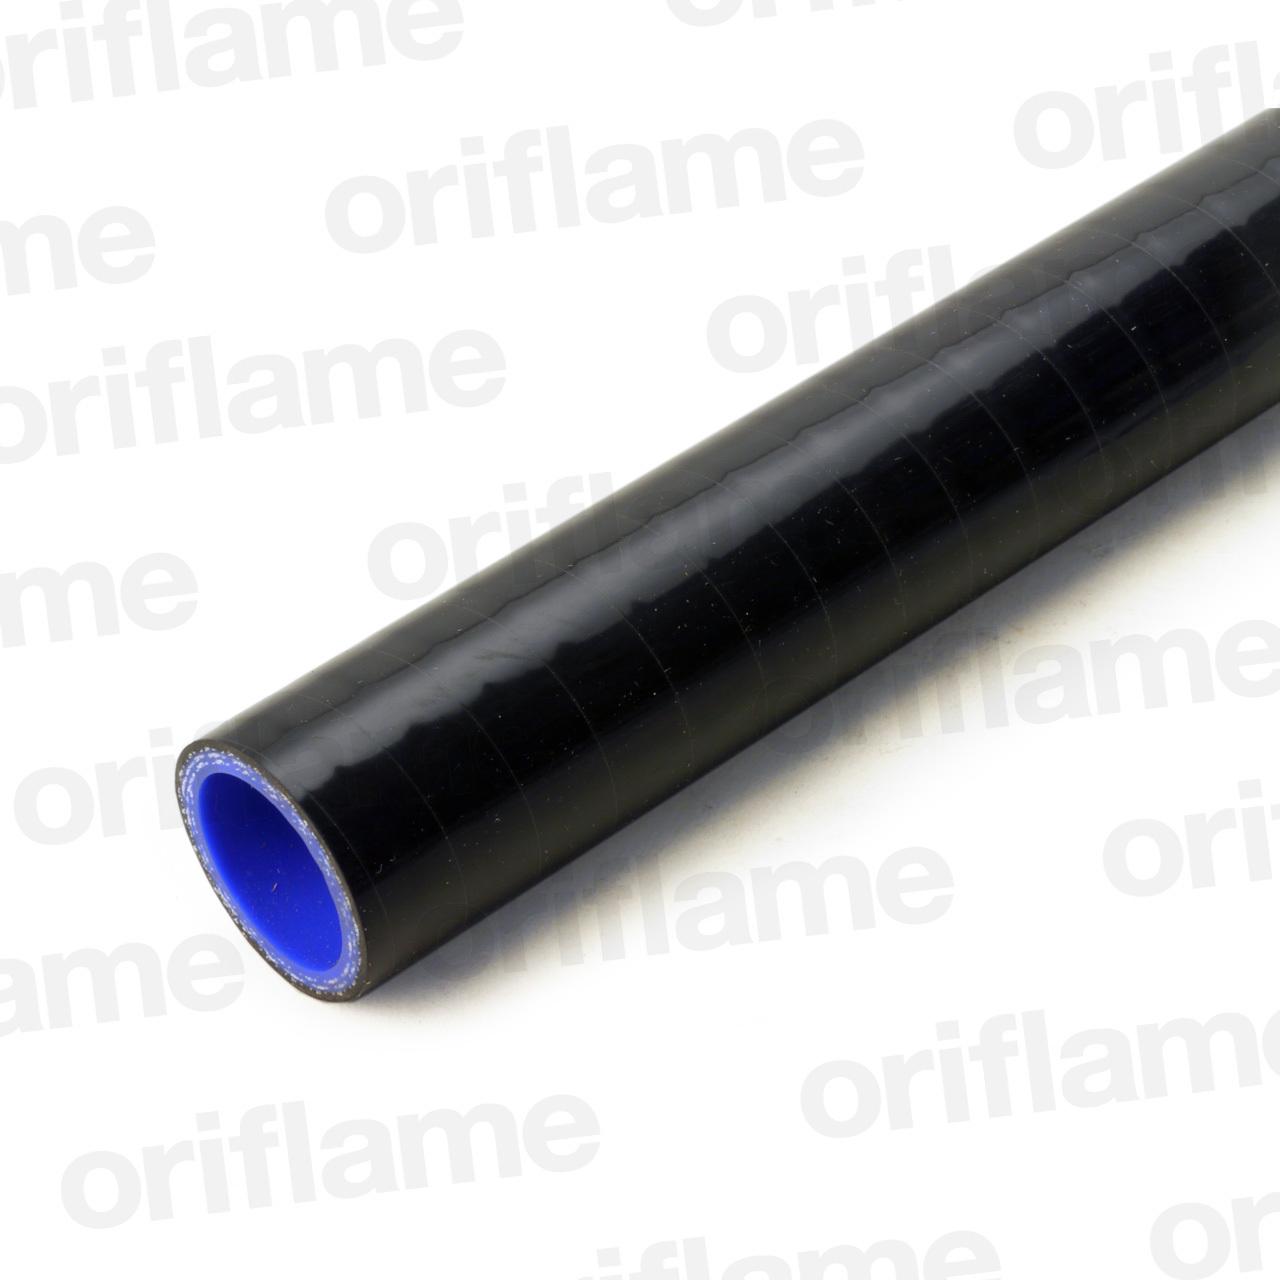 ストレートホース・内径25mm・ブラック